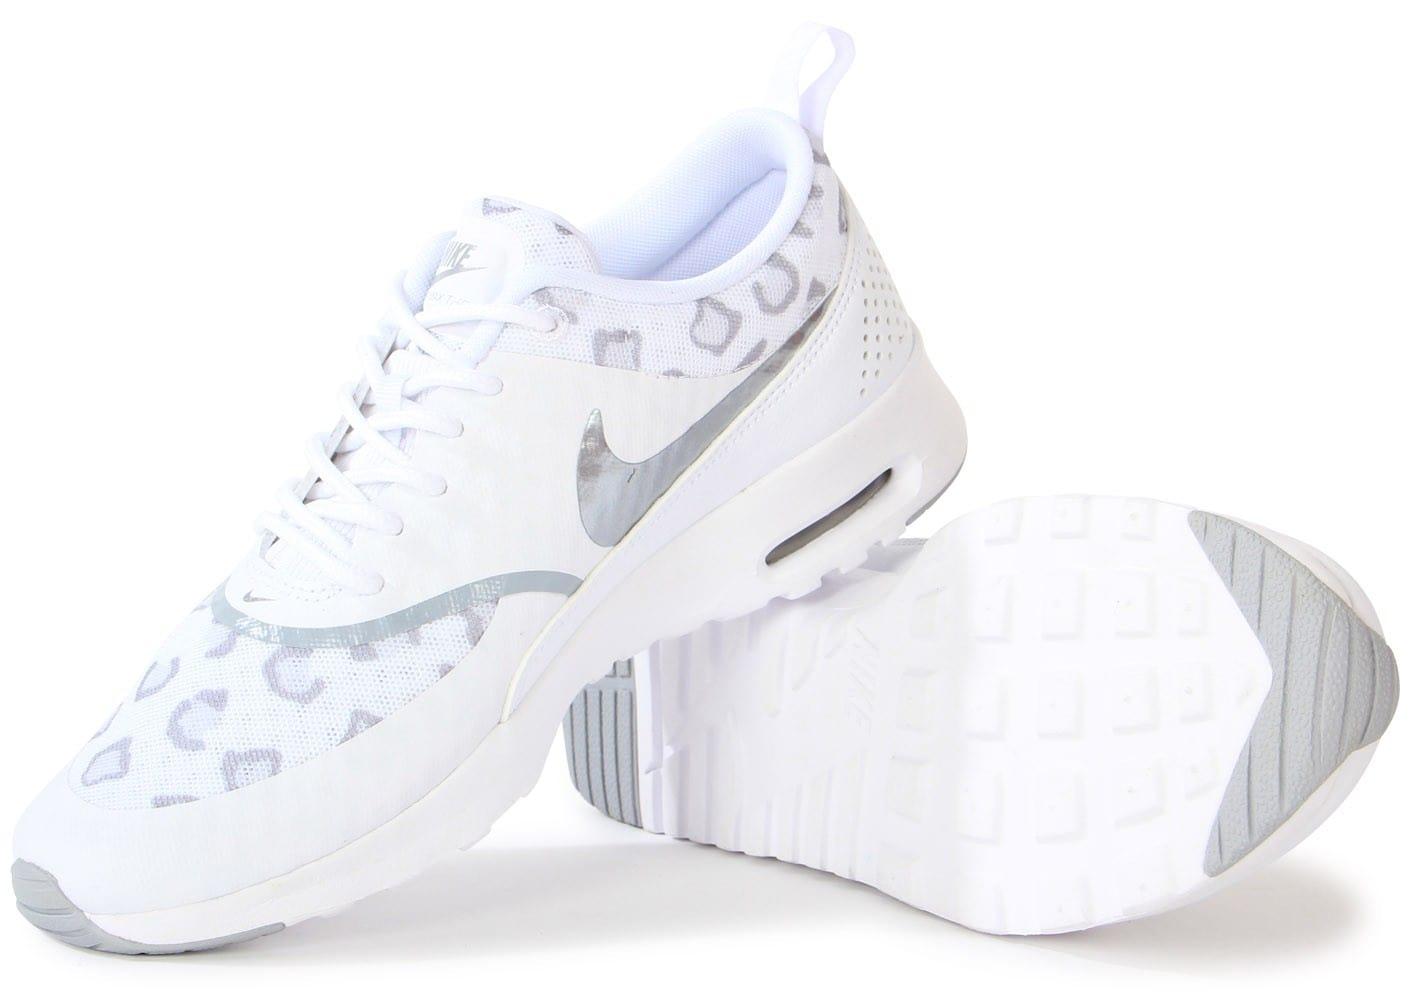 d61712ef96ea Cliquez pour zoomer Chaussures Nike Cortez Basic junior léopard blanche et rose  vue extérieure ... NIKE Vêtements Tee-shirt pour Homme - Nike SB Dry Leopard  ...